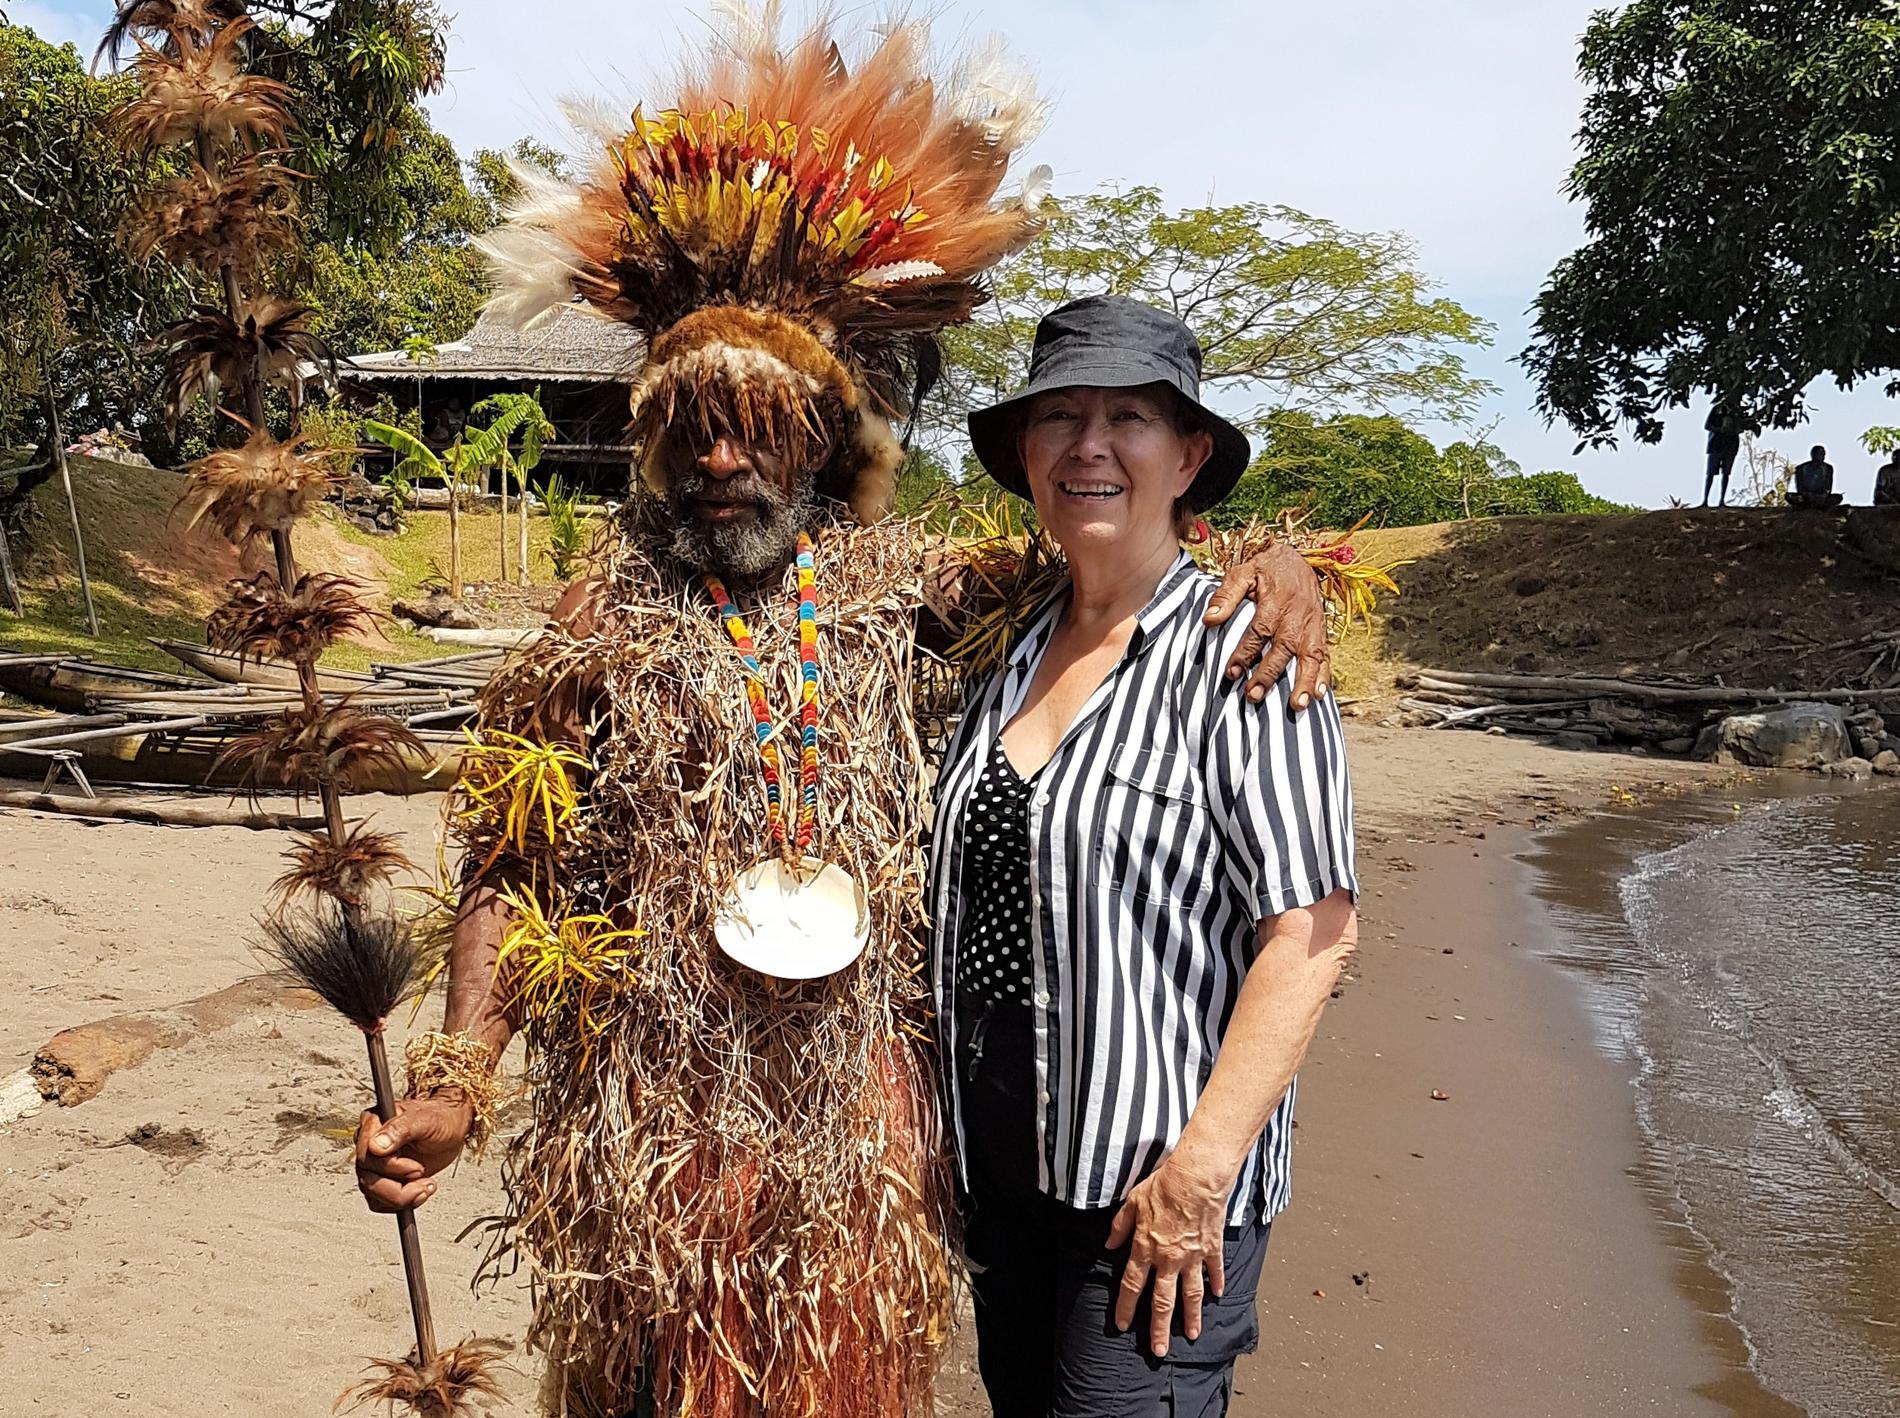 Britt-Marie mottogs med stil av denna hövding i Papua Nya Guinea.